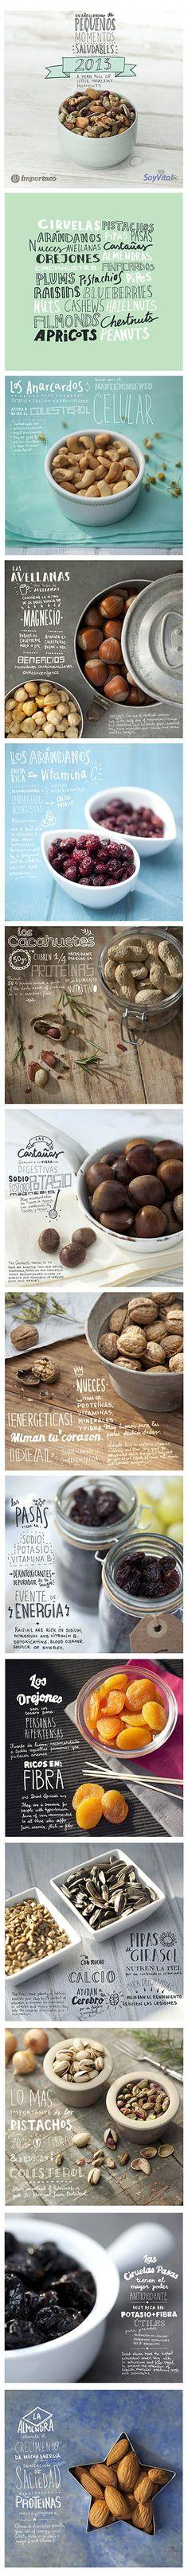 Calendario 2013 de frutos secos Importaco. Dirección de arte juan Martinez, lettering Gloria Martinez, fotografías Enric Perez. www.martinezestudio.com